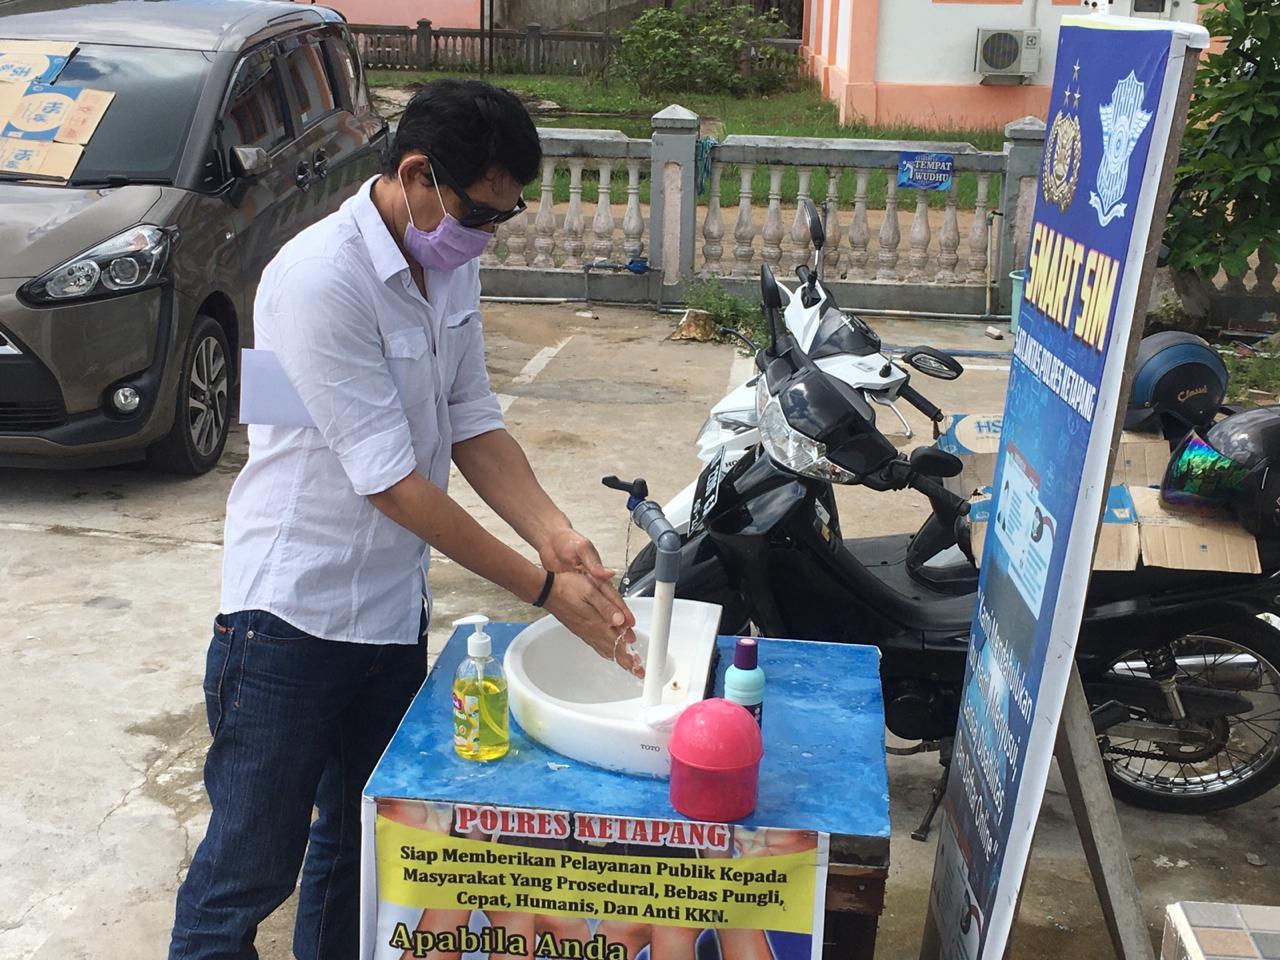 Cuci Tangan Sebelum Bertugas, Satlantas Polres Ketapang Giat Rutin Melaksanakan Pencegahan